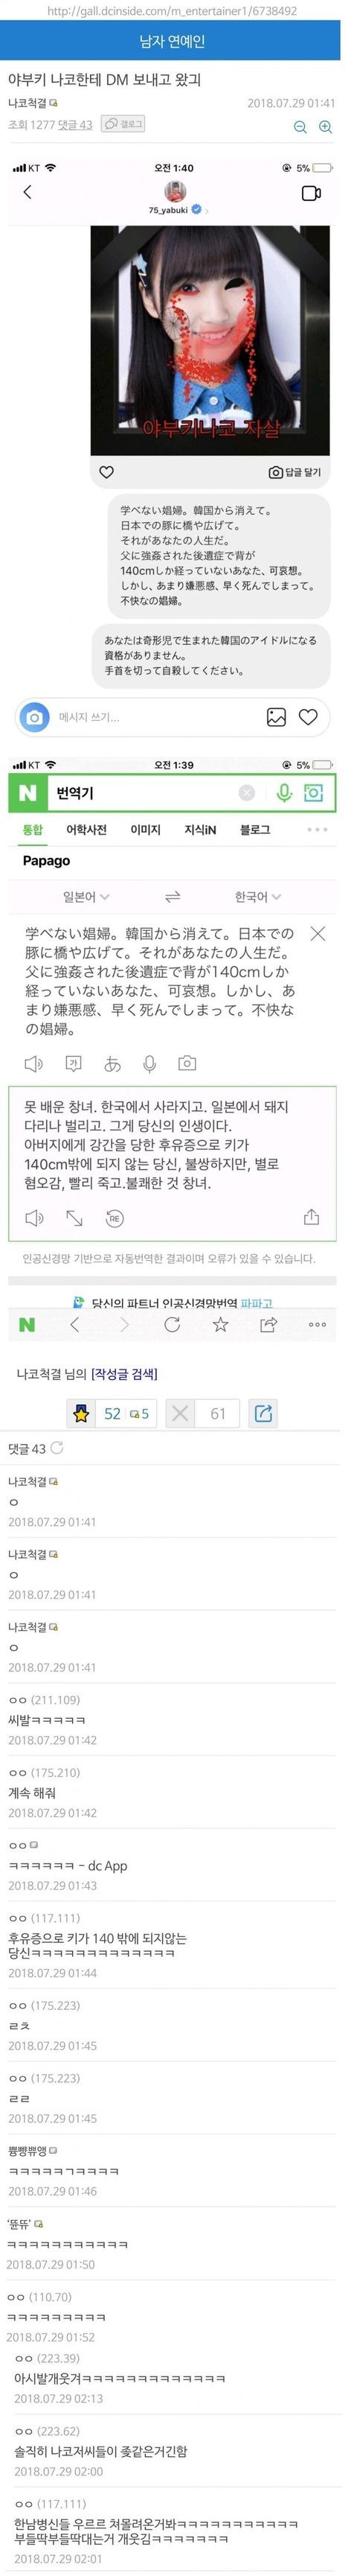 【悲報】IZ*ONEの矢吹奈子に韓国人が送ったDMがヤバすぎる・・・